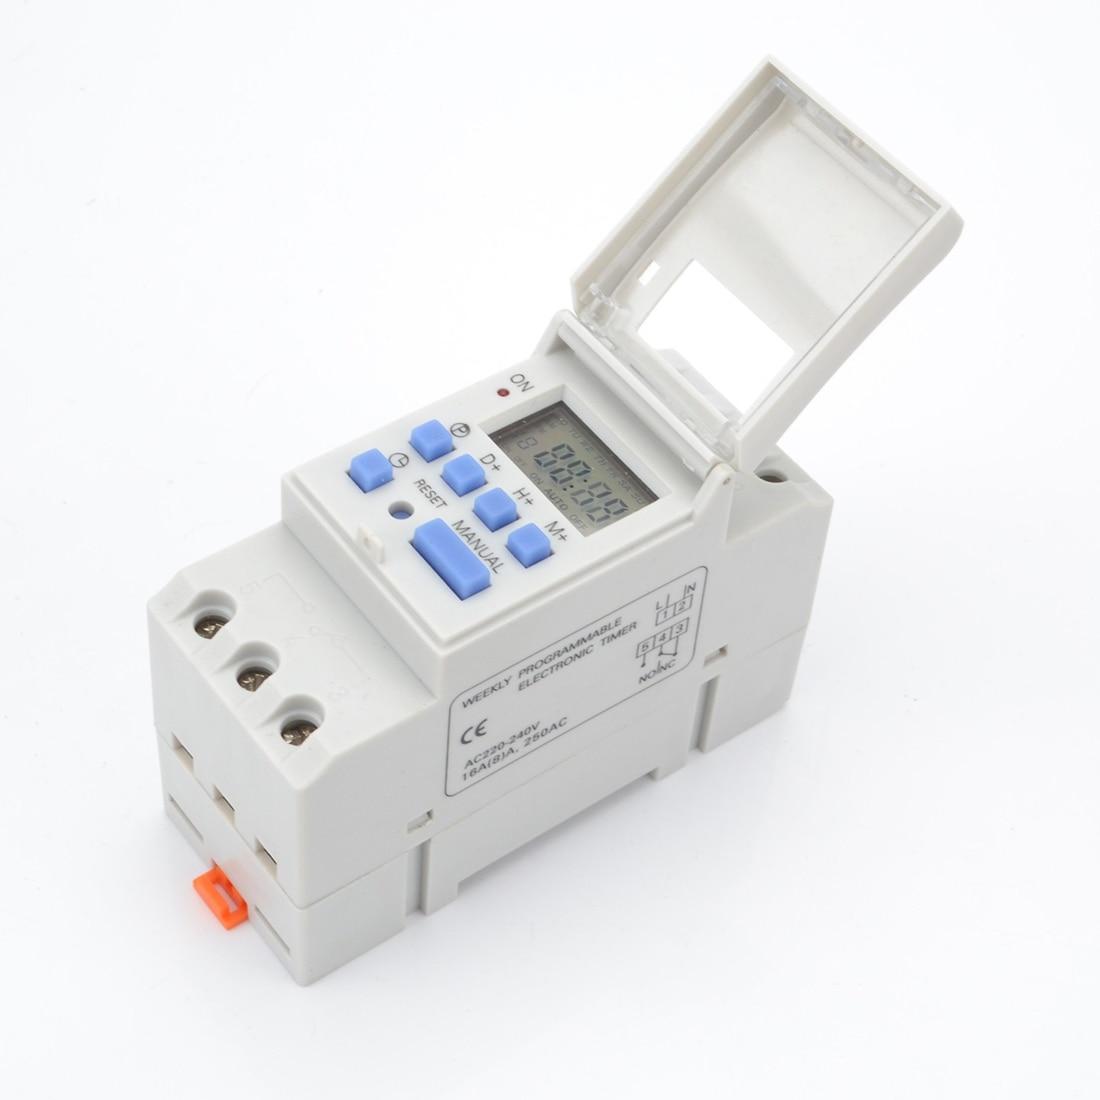 7 dias Programmable Timer Digital Interruptor do Relé de Controle 220V 230V 6A 10A 16A 20A 25A 30A Eletrônico Semanal